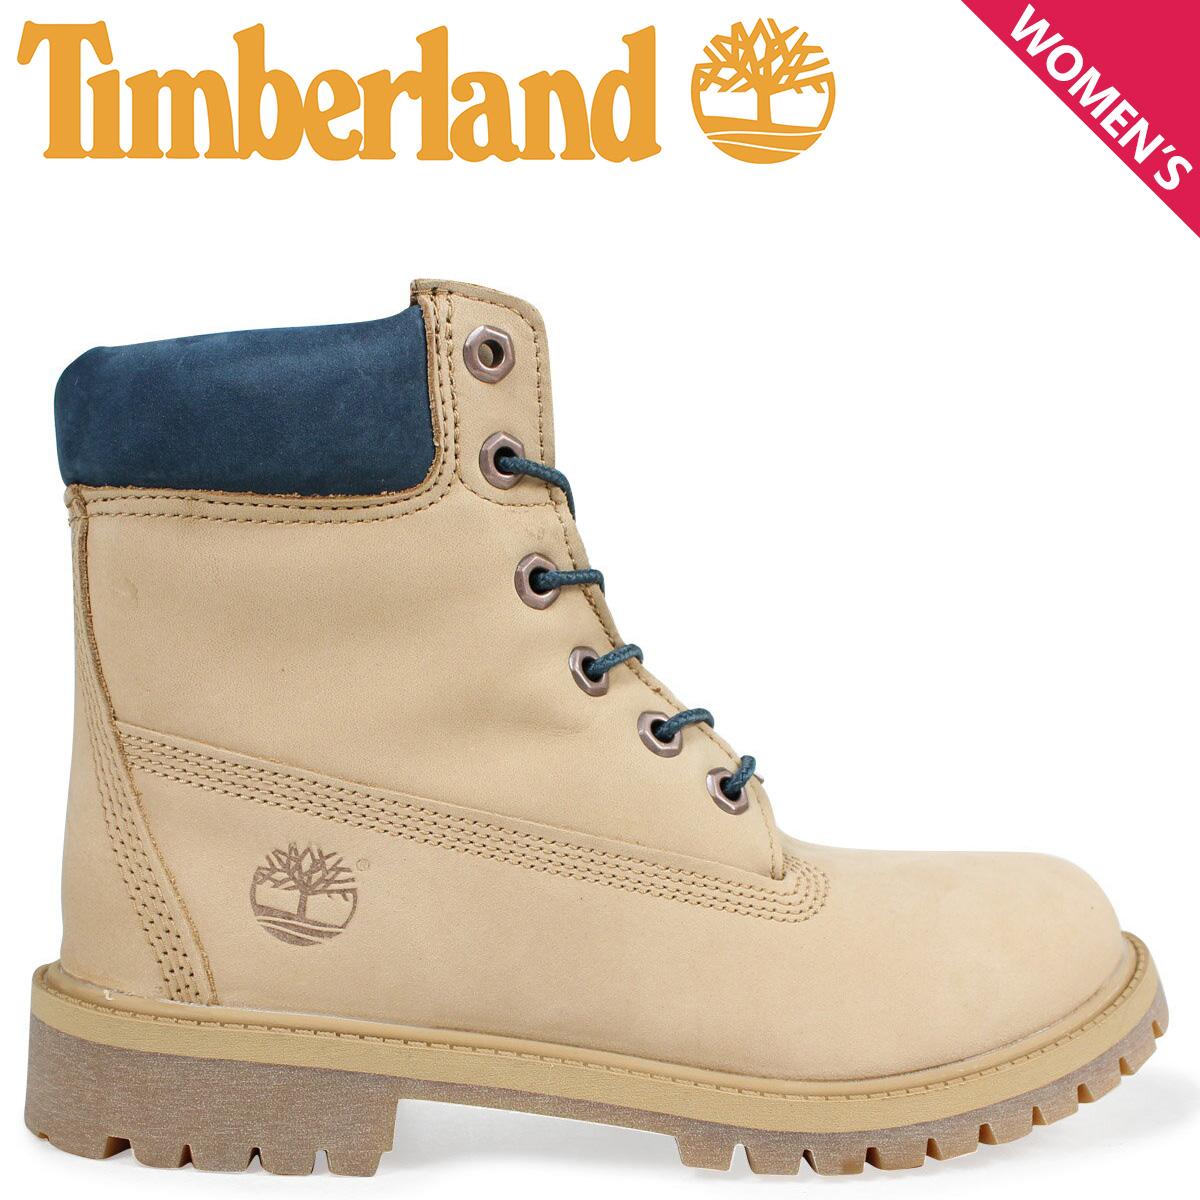 Timberland レディース ブーツ 6インチ ティンバーランド キッズ JUNIOR 6INCH WATERPROOF BOOT A1PLO Wワイズ 防水 ベージュ